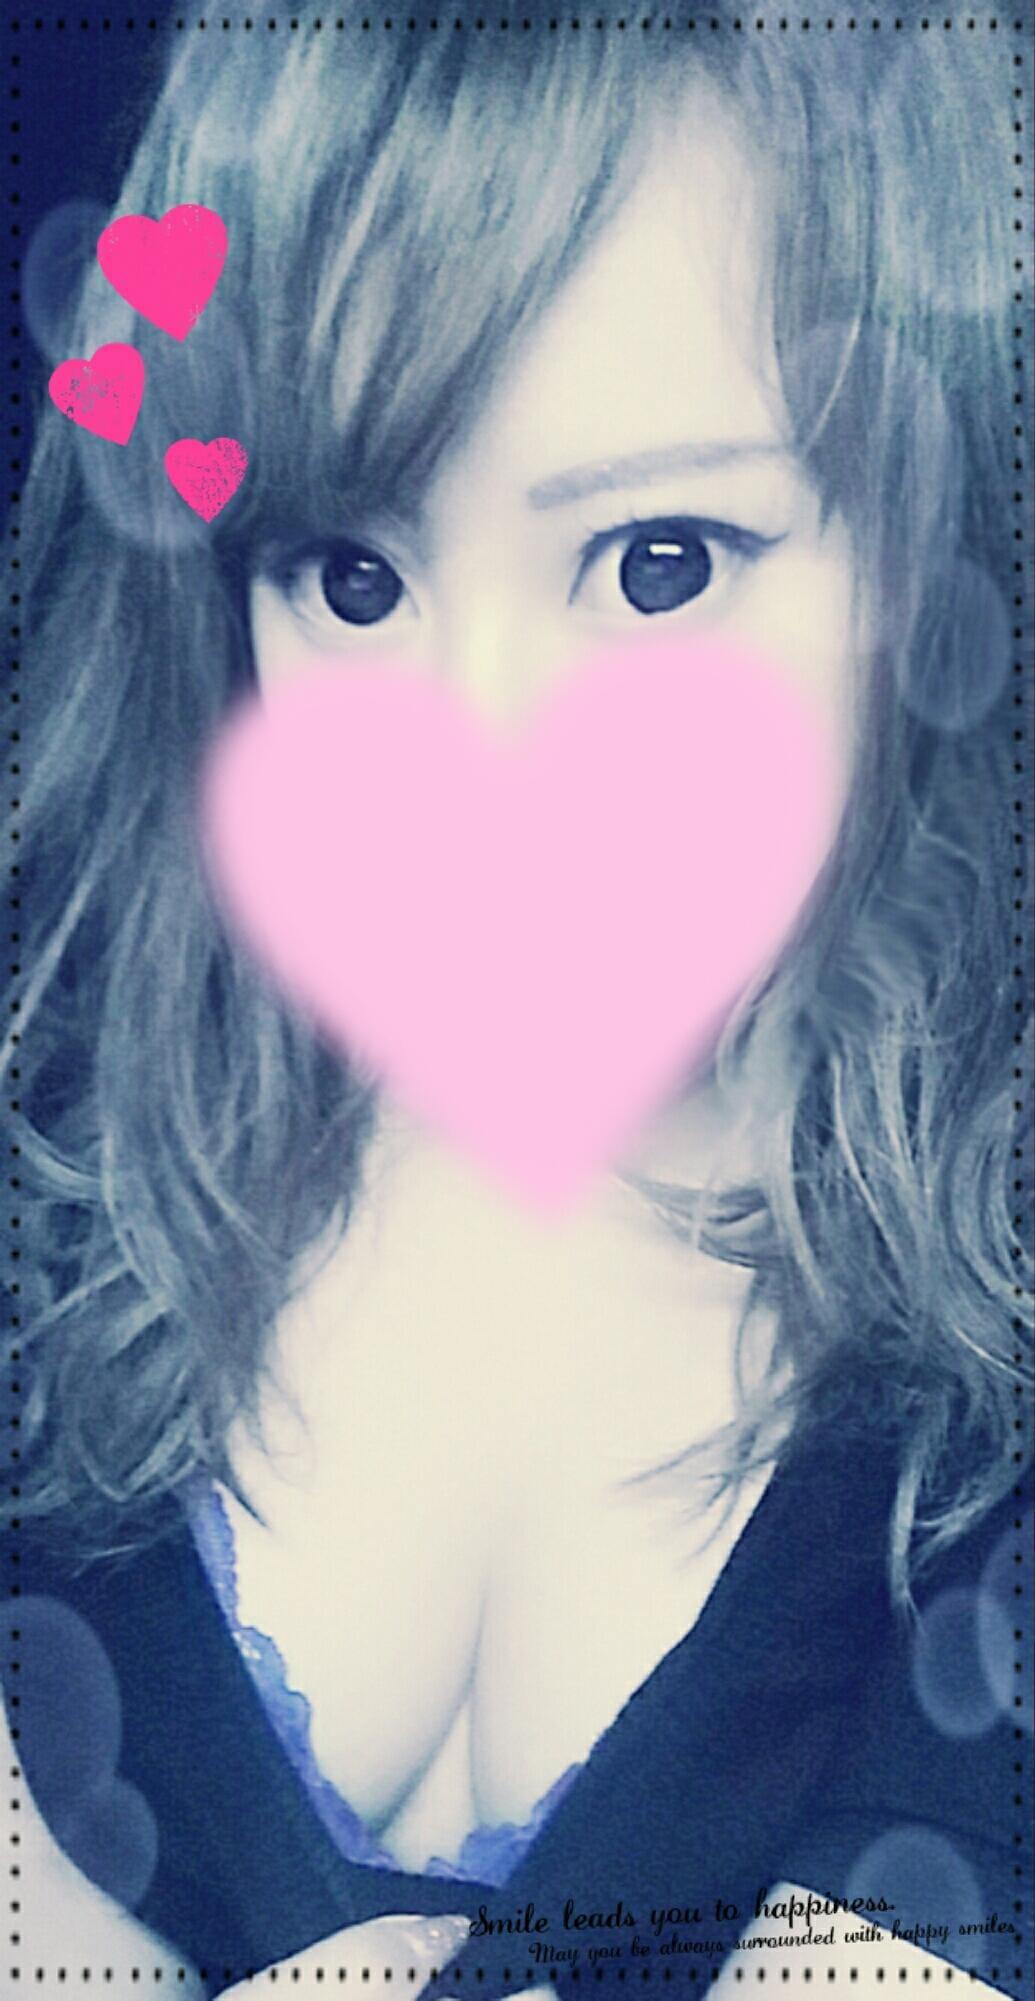 わかな「(*´?`*)?Thanks!」06/21(木) 05:13 | わかなの写メ・風俗動画